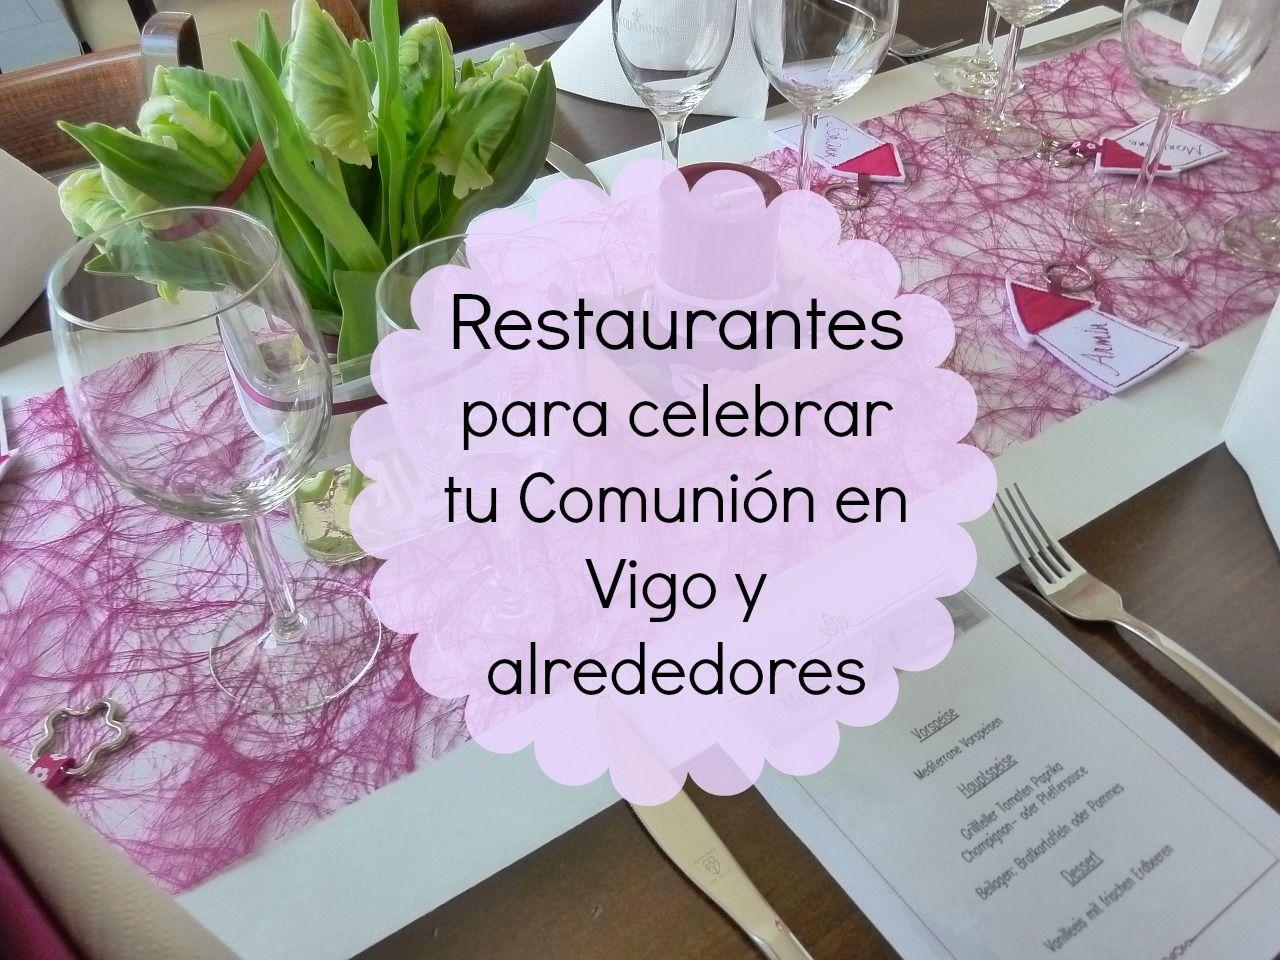 20 restaurantes para celebrar tu comuni n en vigo y